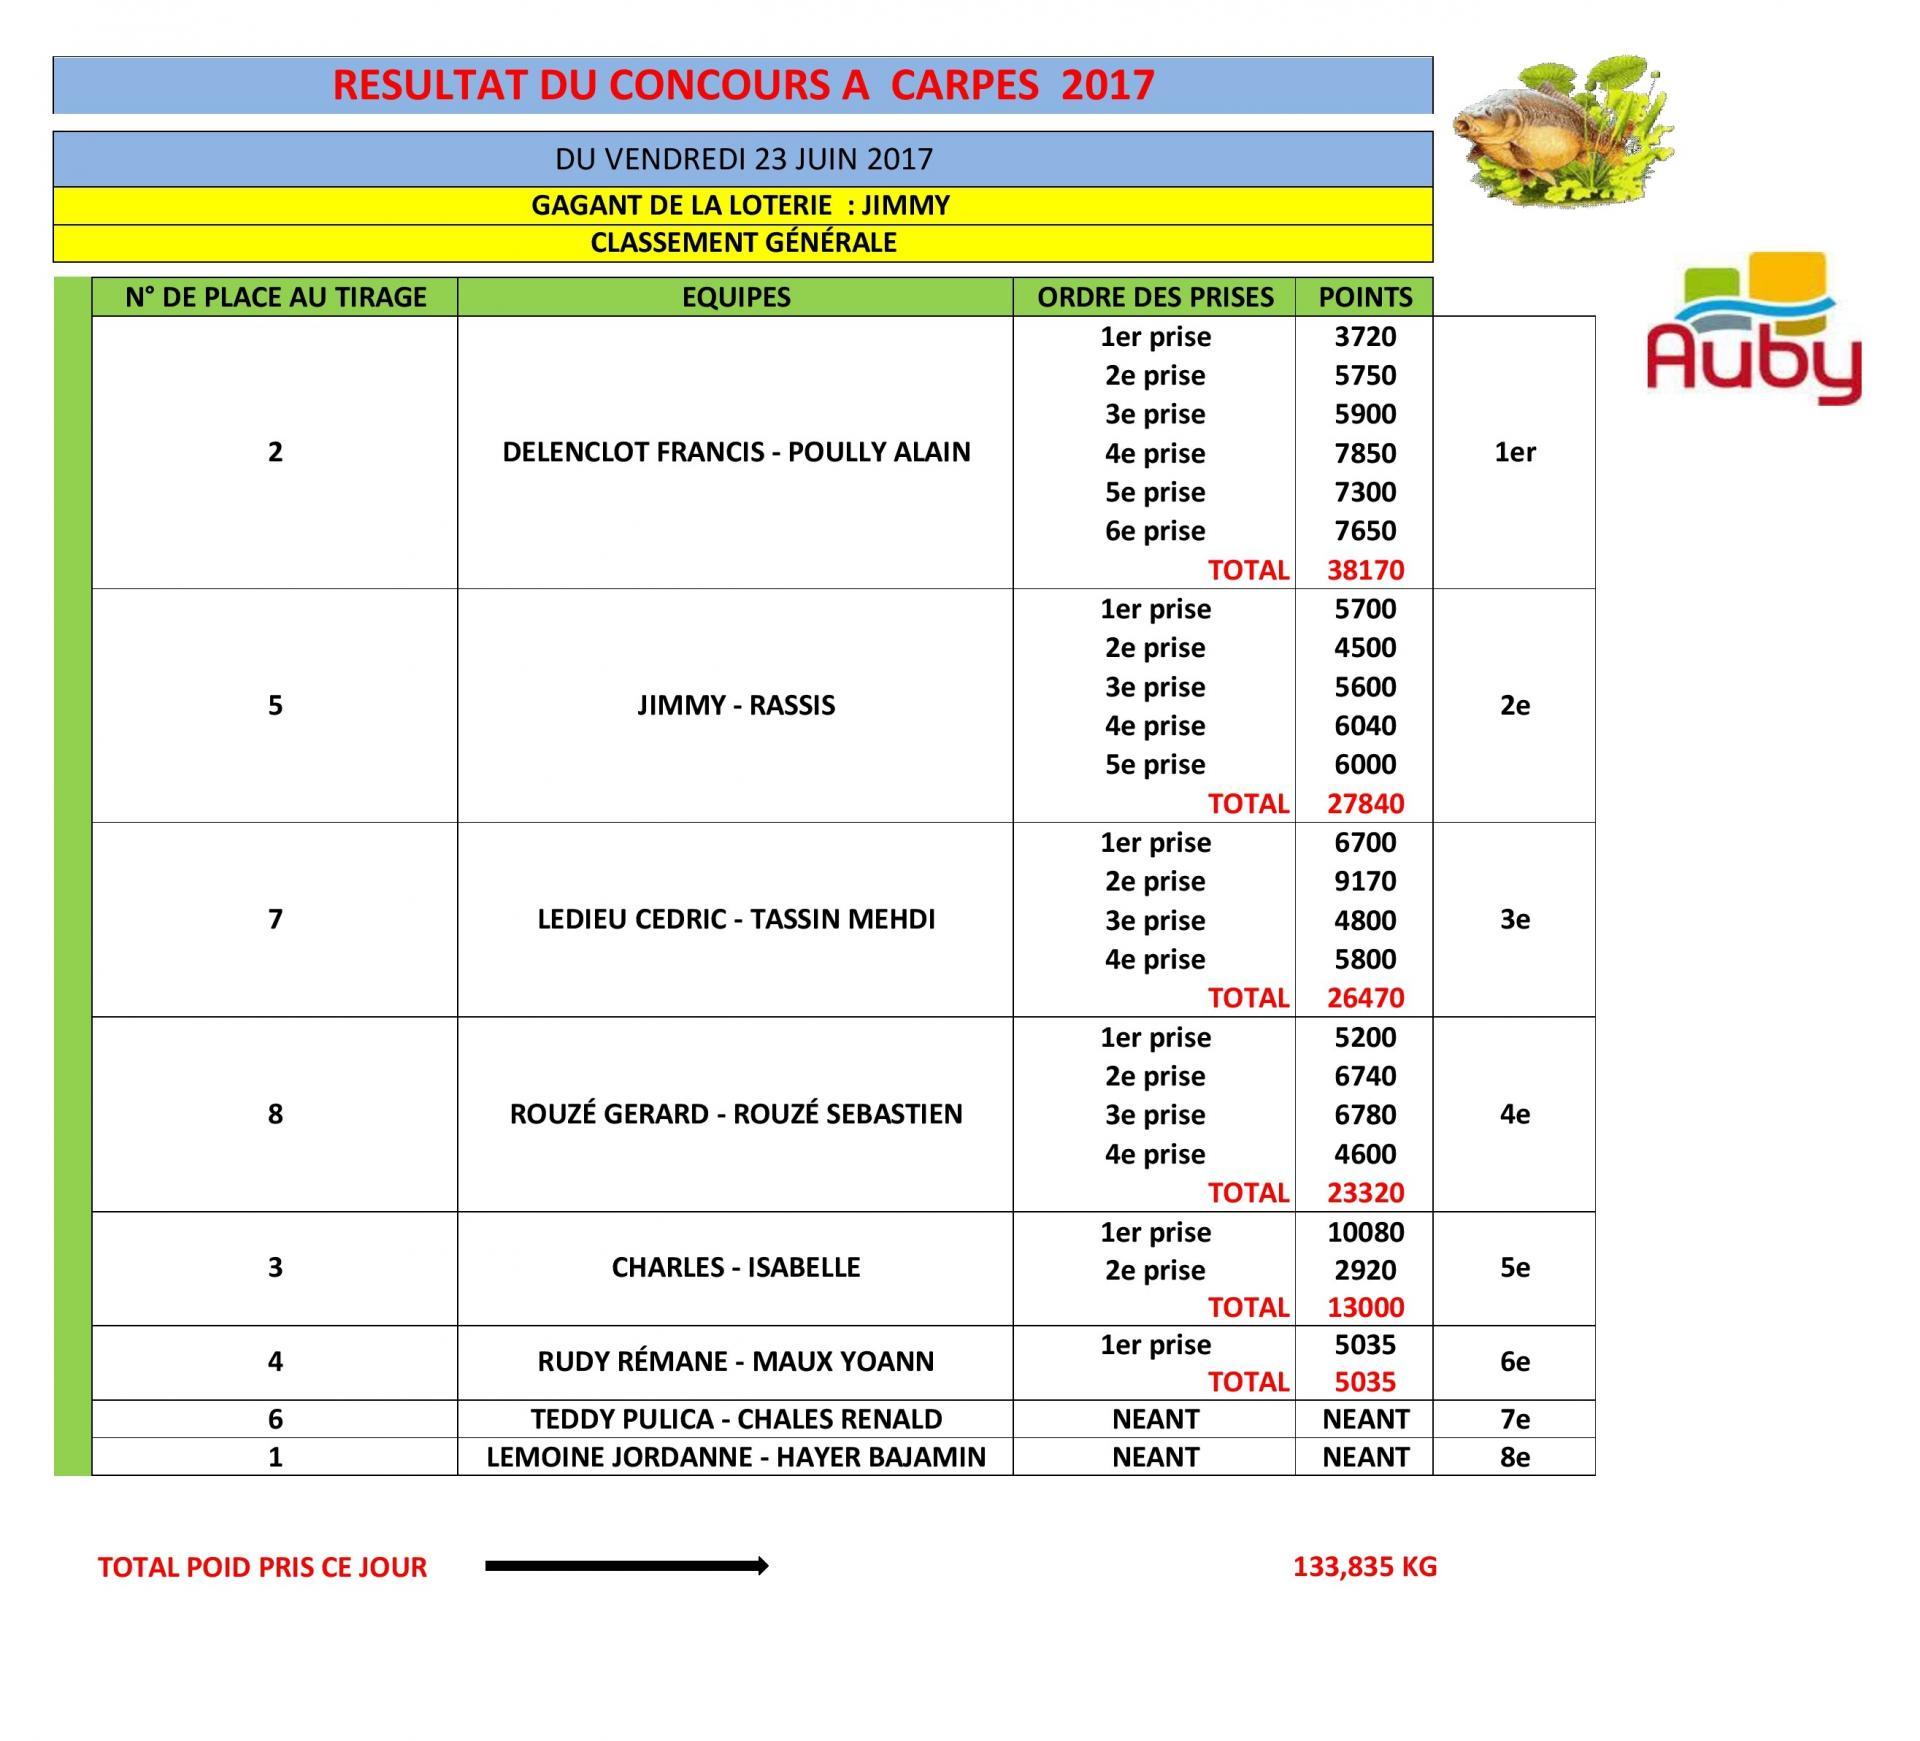 Resultats du concours a carpes du 23 juin 2017